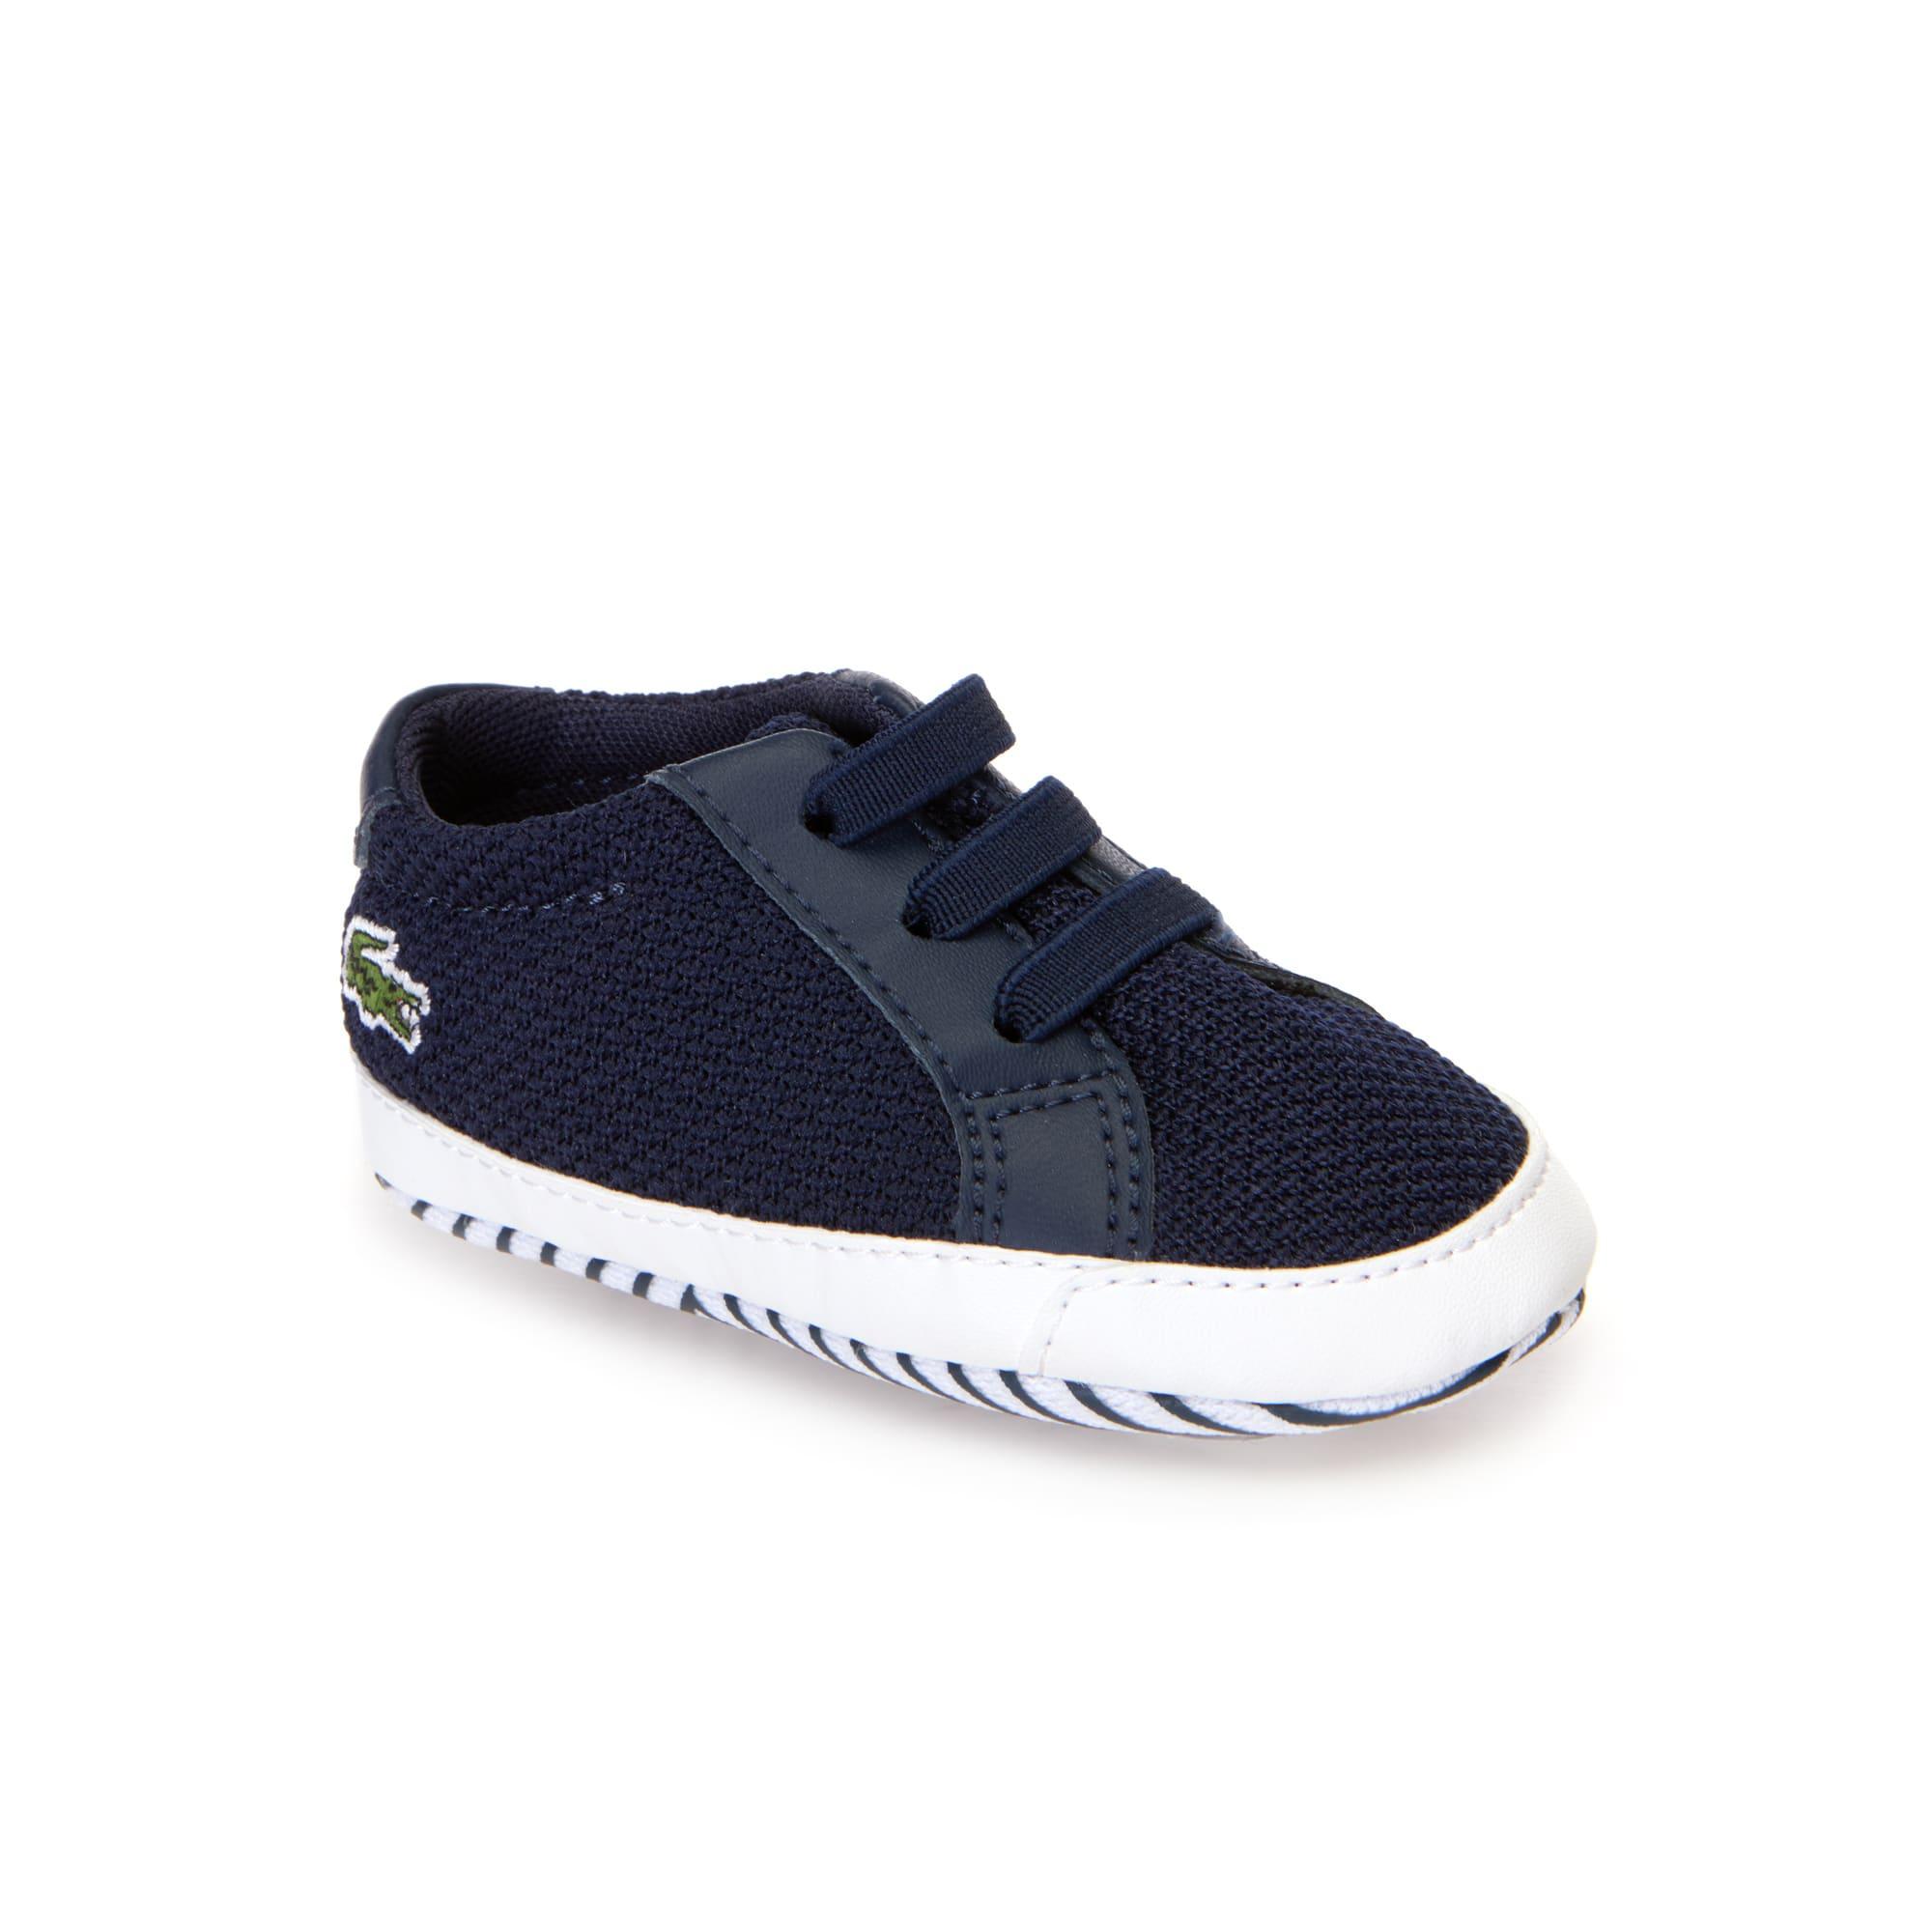 reputable site 511dd aad91 Schuhe Mädchen & Jungen | Kinderschuhe | LACOSTE